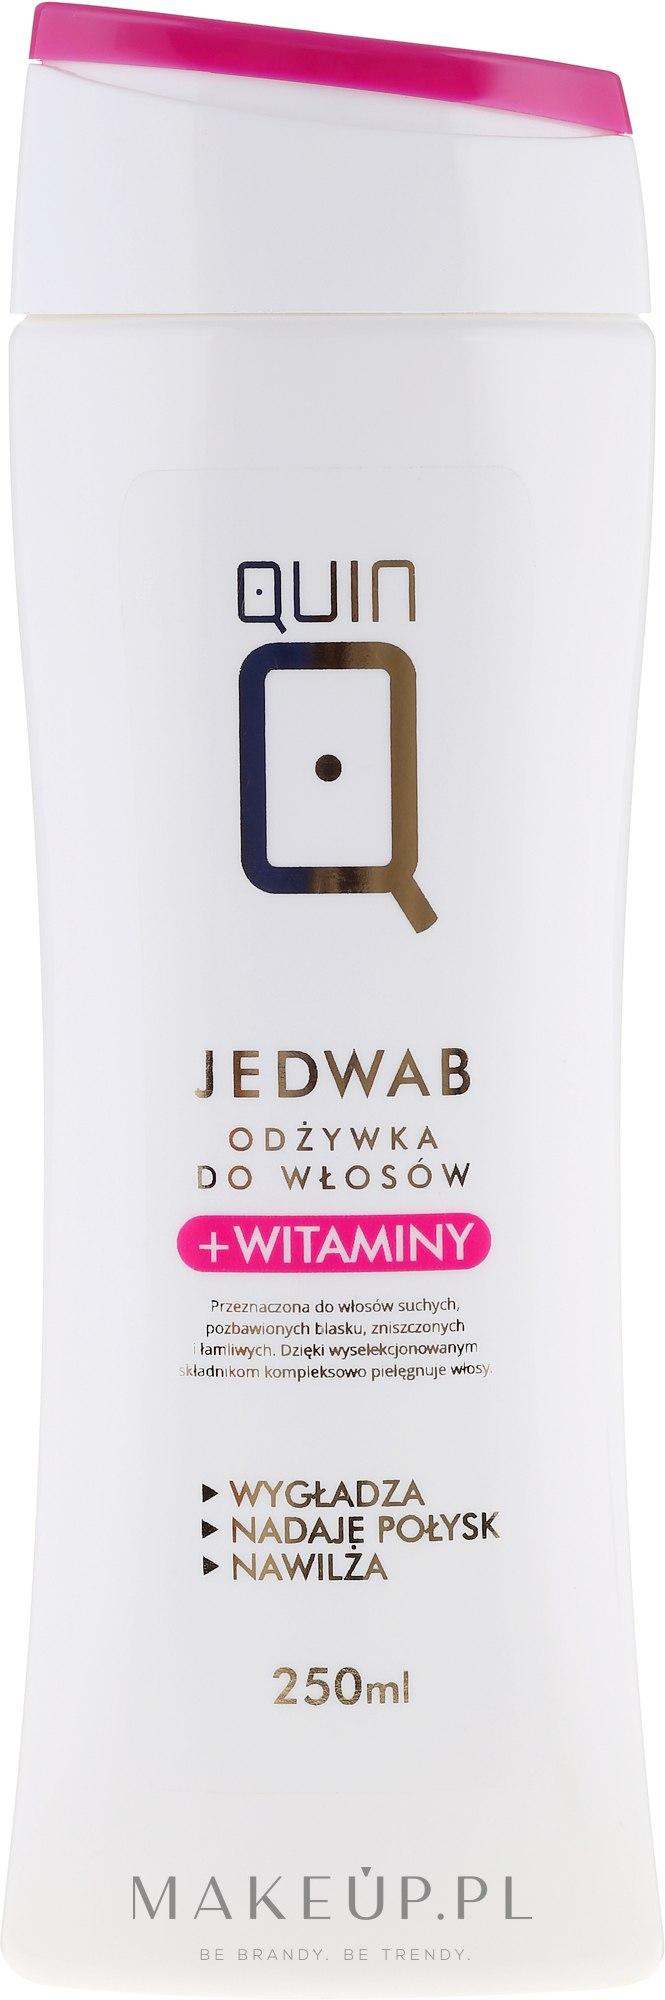 Odżywka do włosów z jedwabiem i witaminami - Silcare Quin Silk & Vitamins Hair Conditioner — фото 250 ml